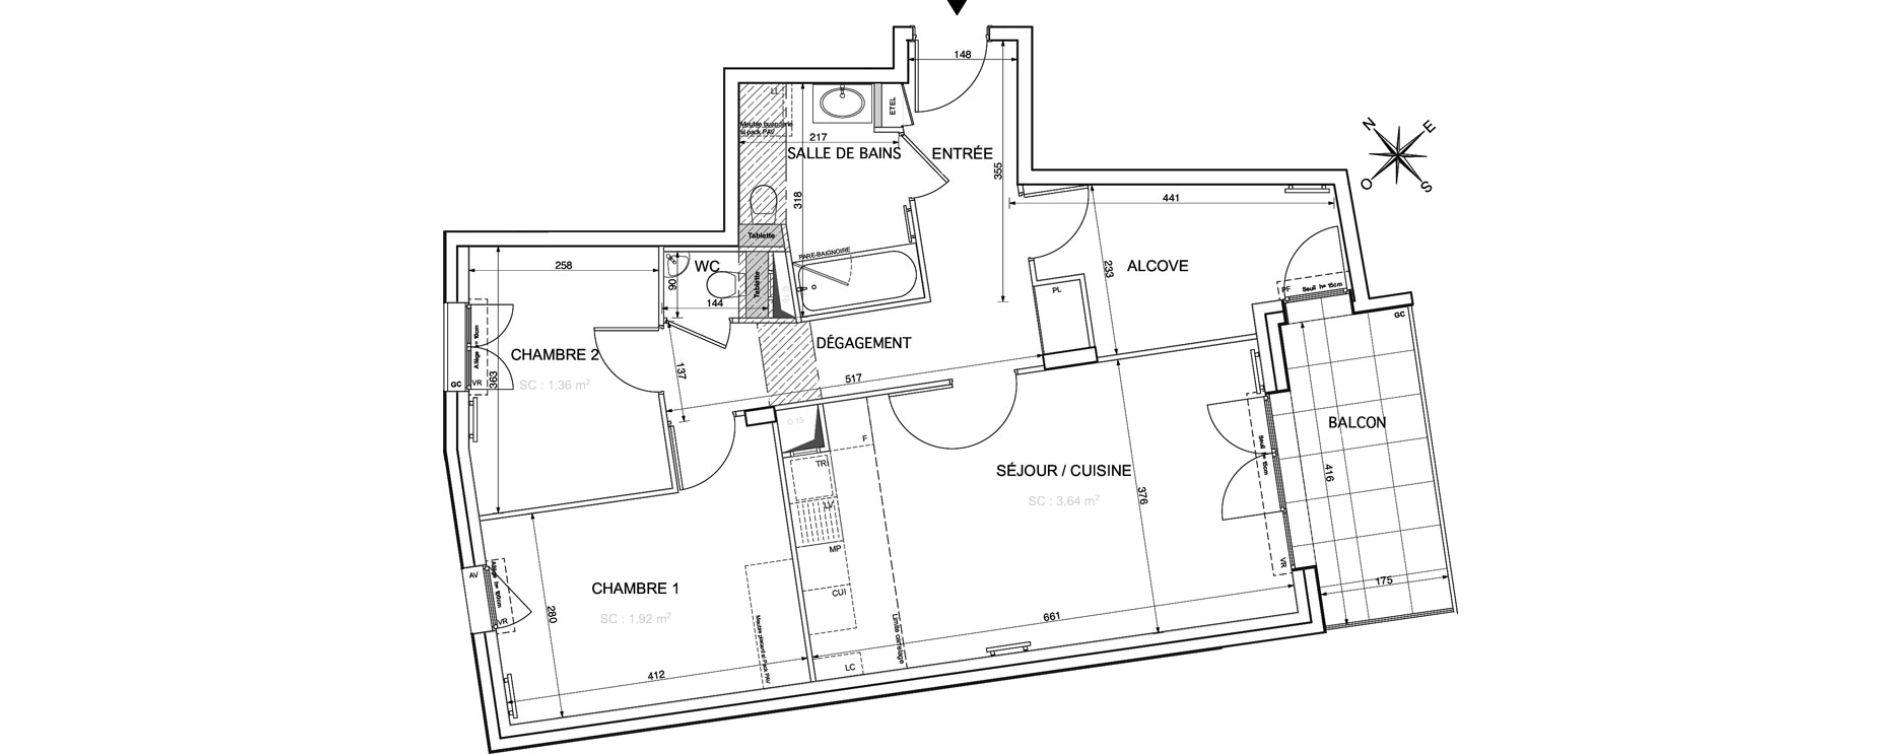 Appartement T3 de 72,34 m2 à Rueil-Malmaison Le mont-valérien